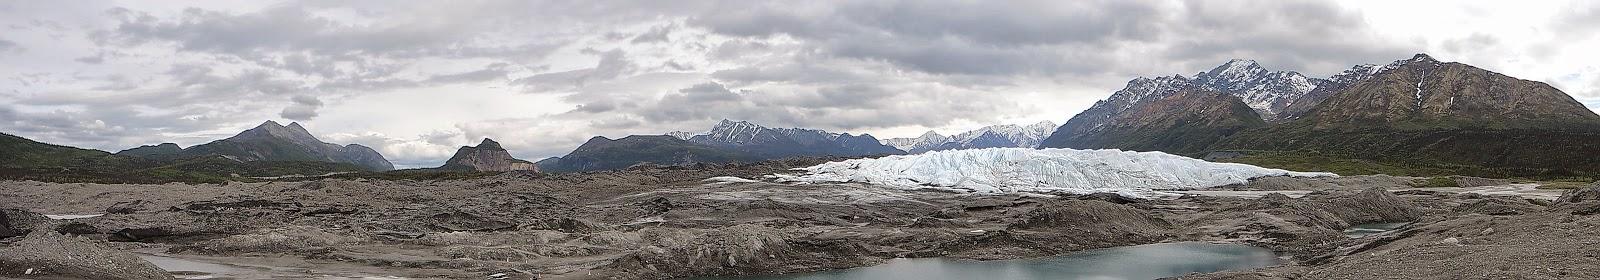 Matanuska glacier 12